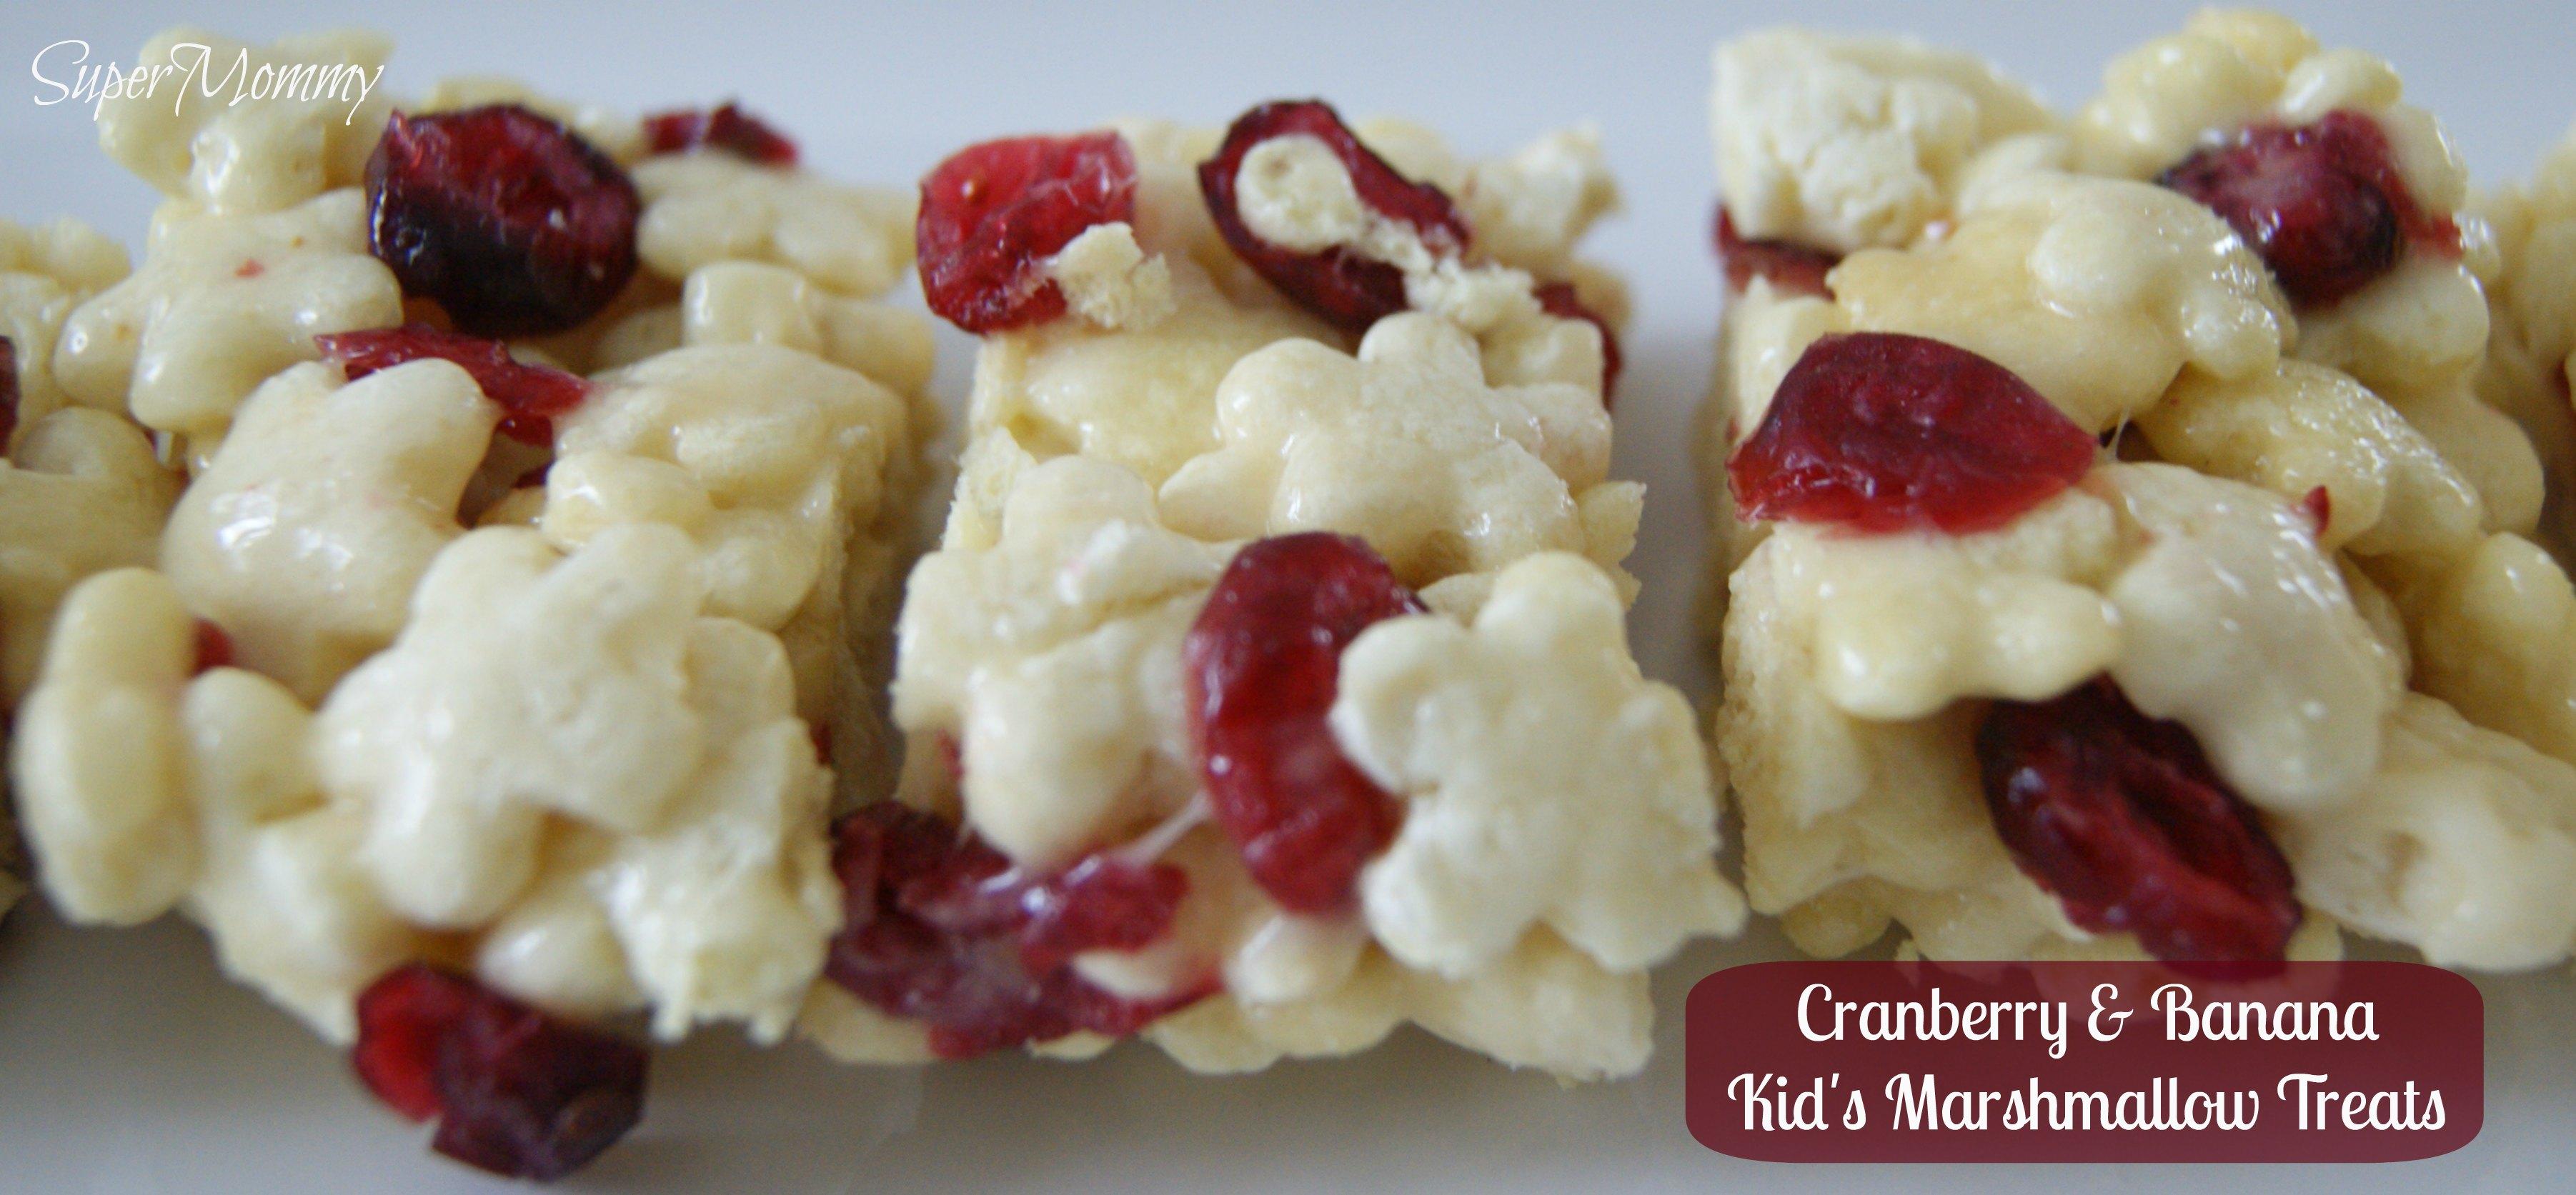 Easy Cranberry & Banana Kid's Marshmallow Treats Recipe